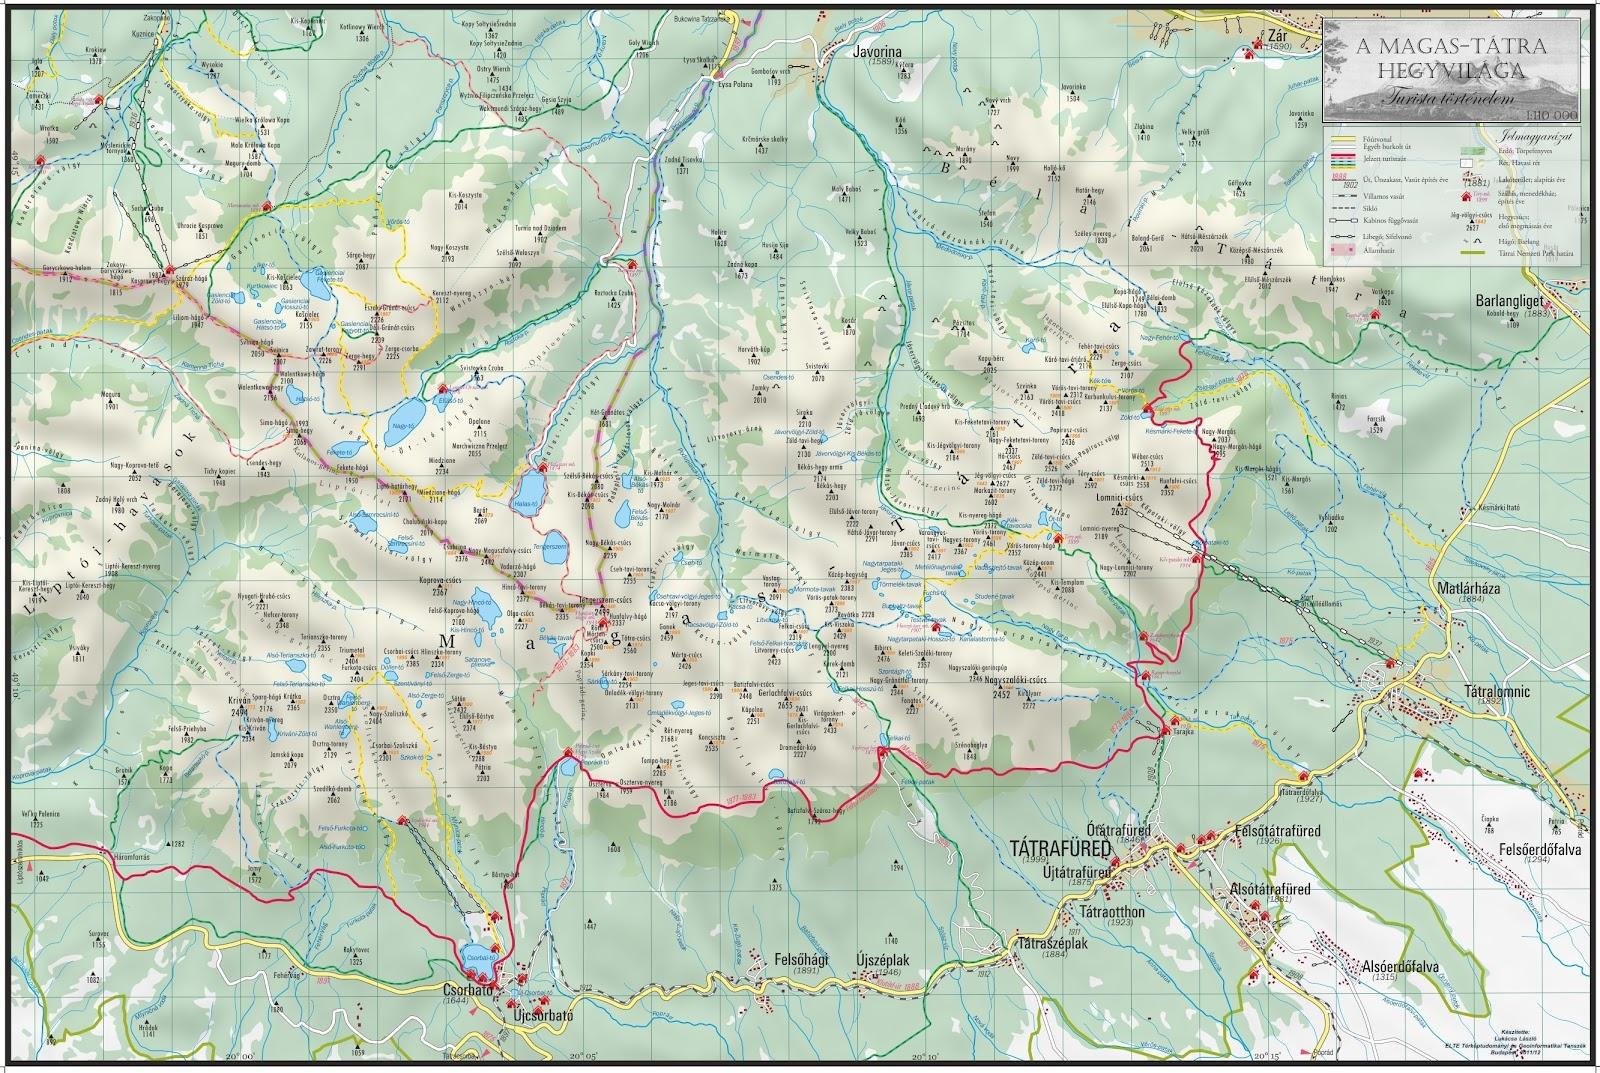 zakopane térkép magas tatra.info: Történelmi Tátra térkép zakopane térkép